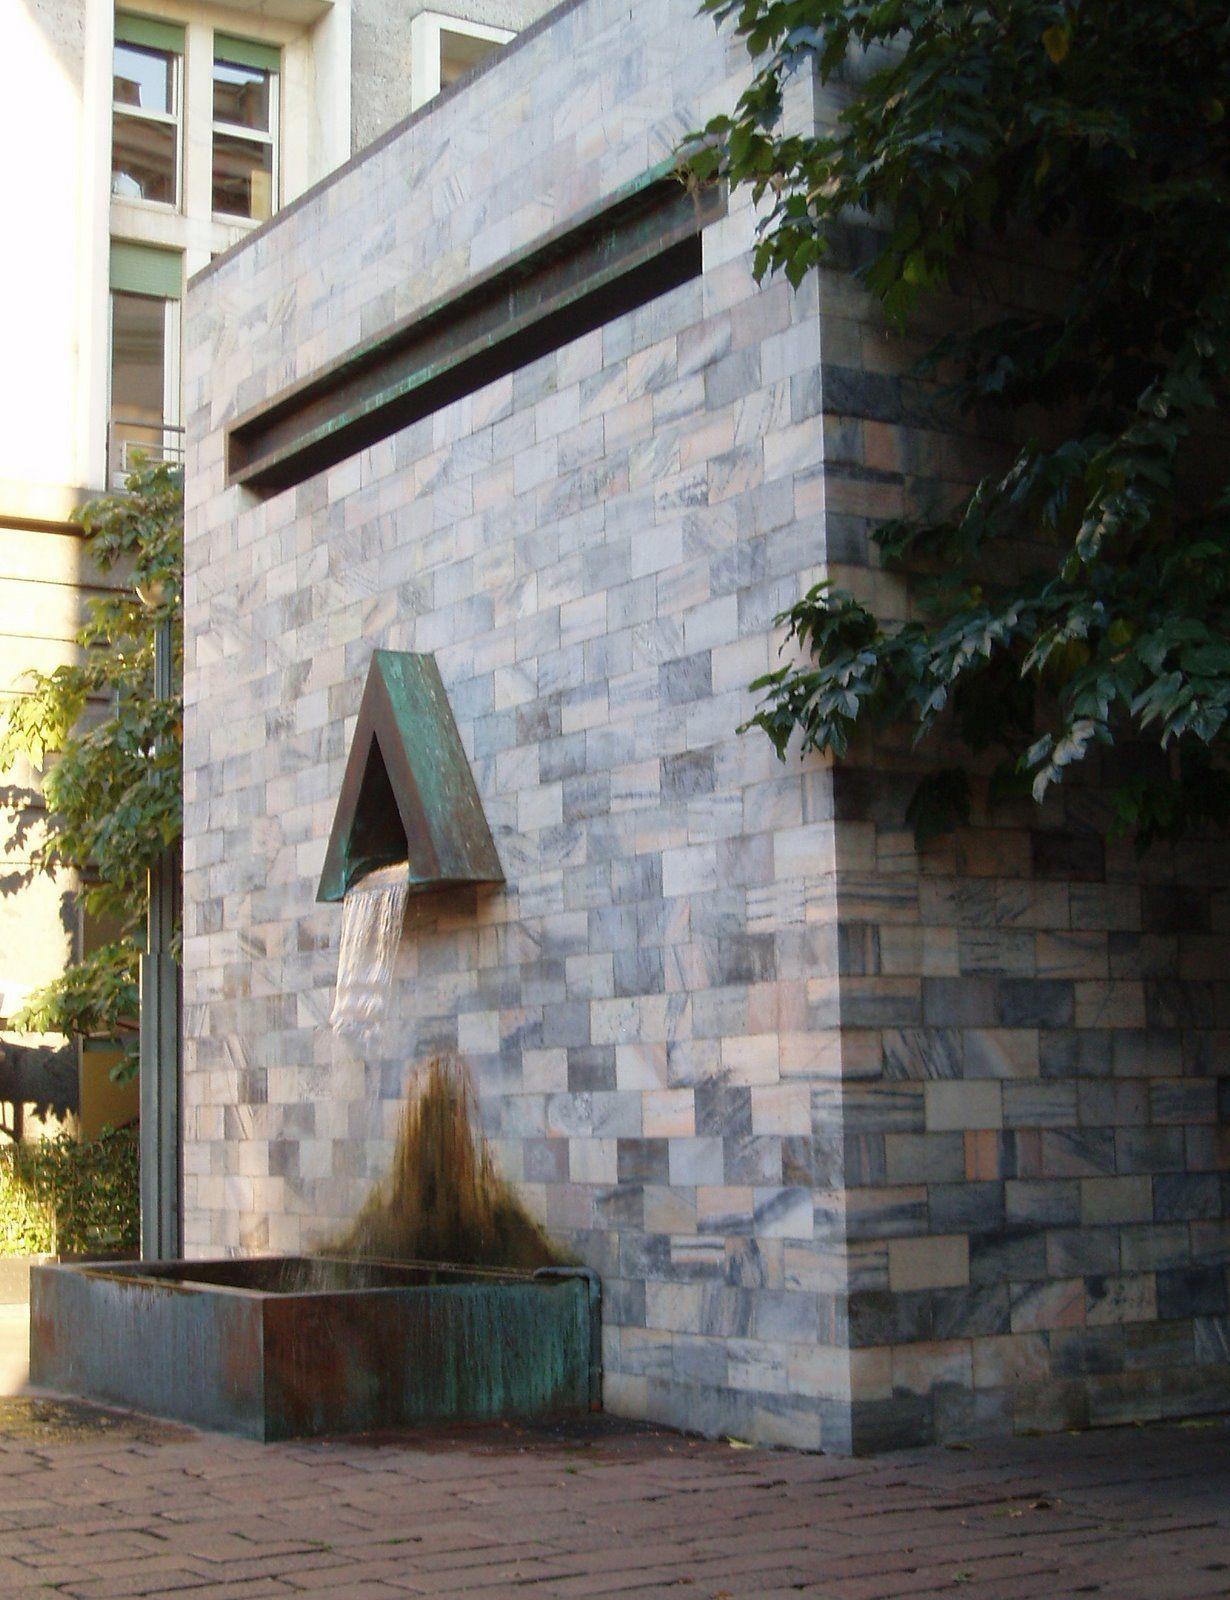 THE ITALIAN PIAZZA Aldo Rossi Monument to Sandro Pertini